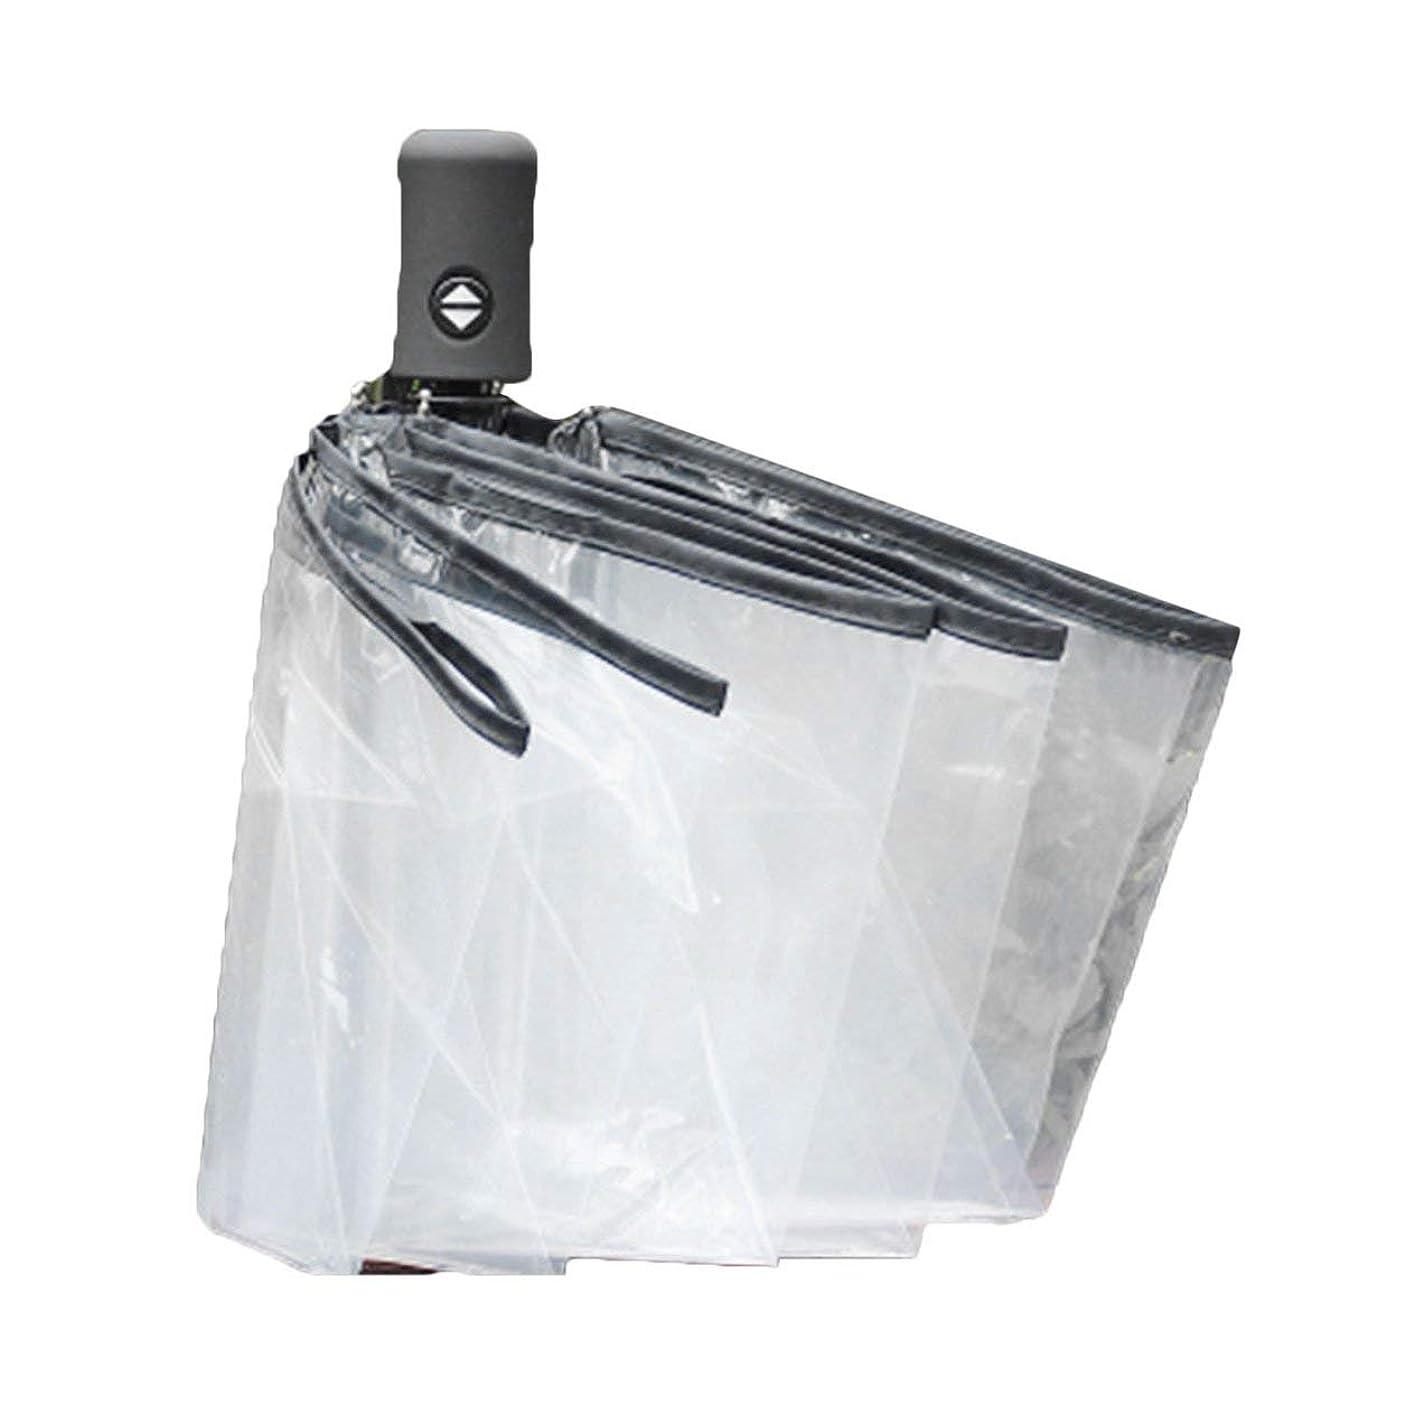 ロール作り力Saikogoods コンパクト 全自動傘 三の折りたたみ 防風性 クリア傘女性男性8リブ防雨透明な傘のギフト 黒